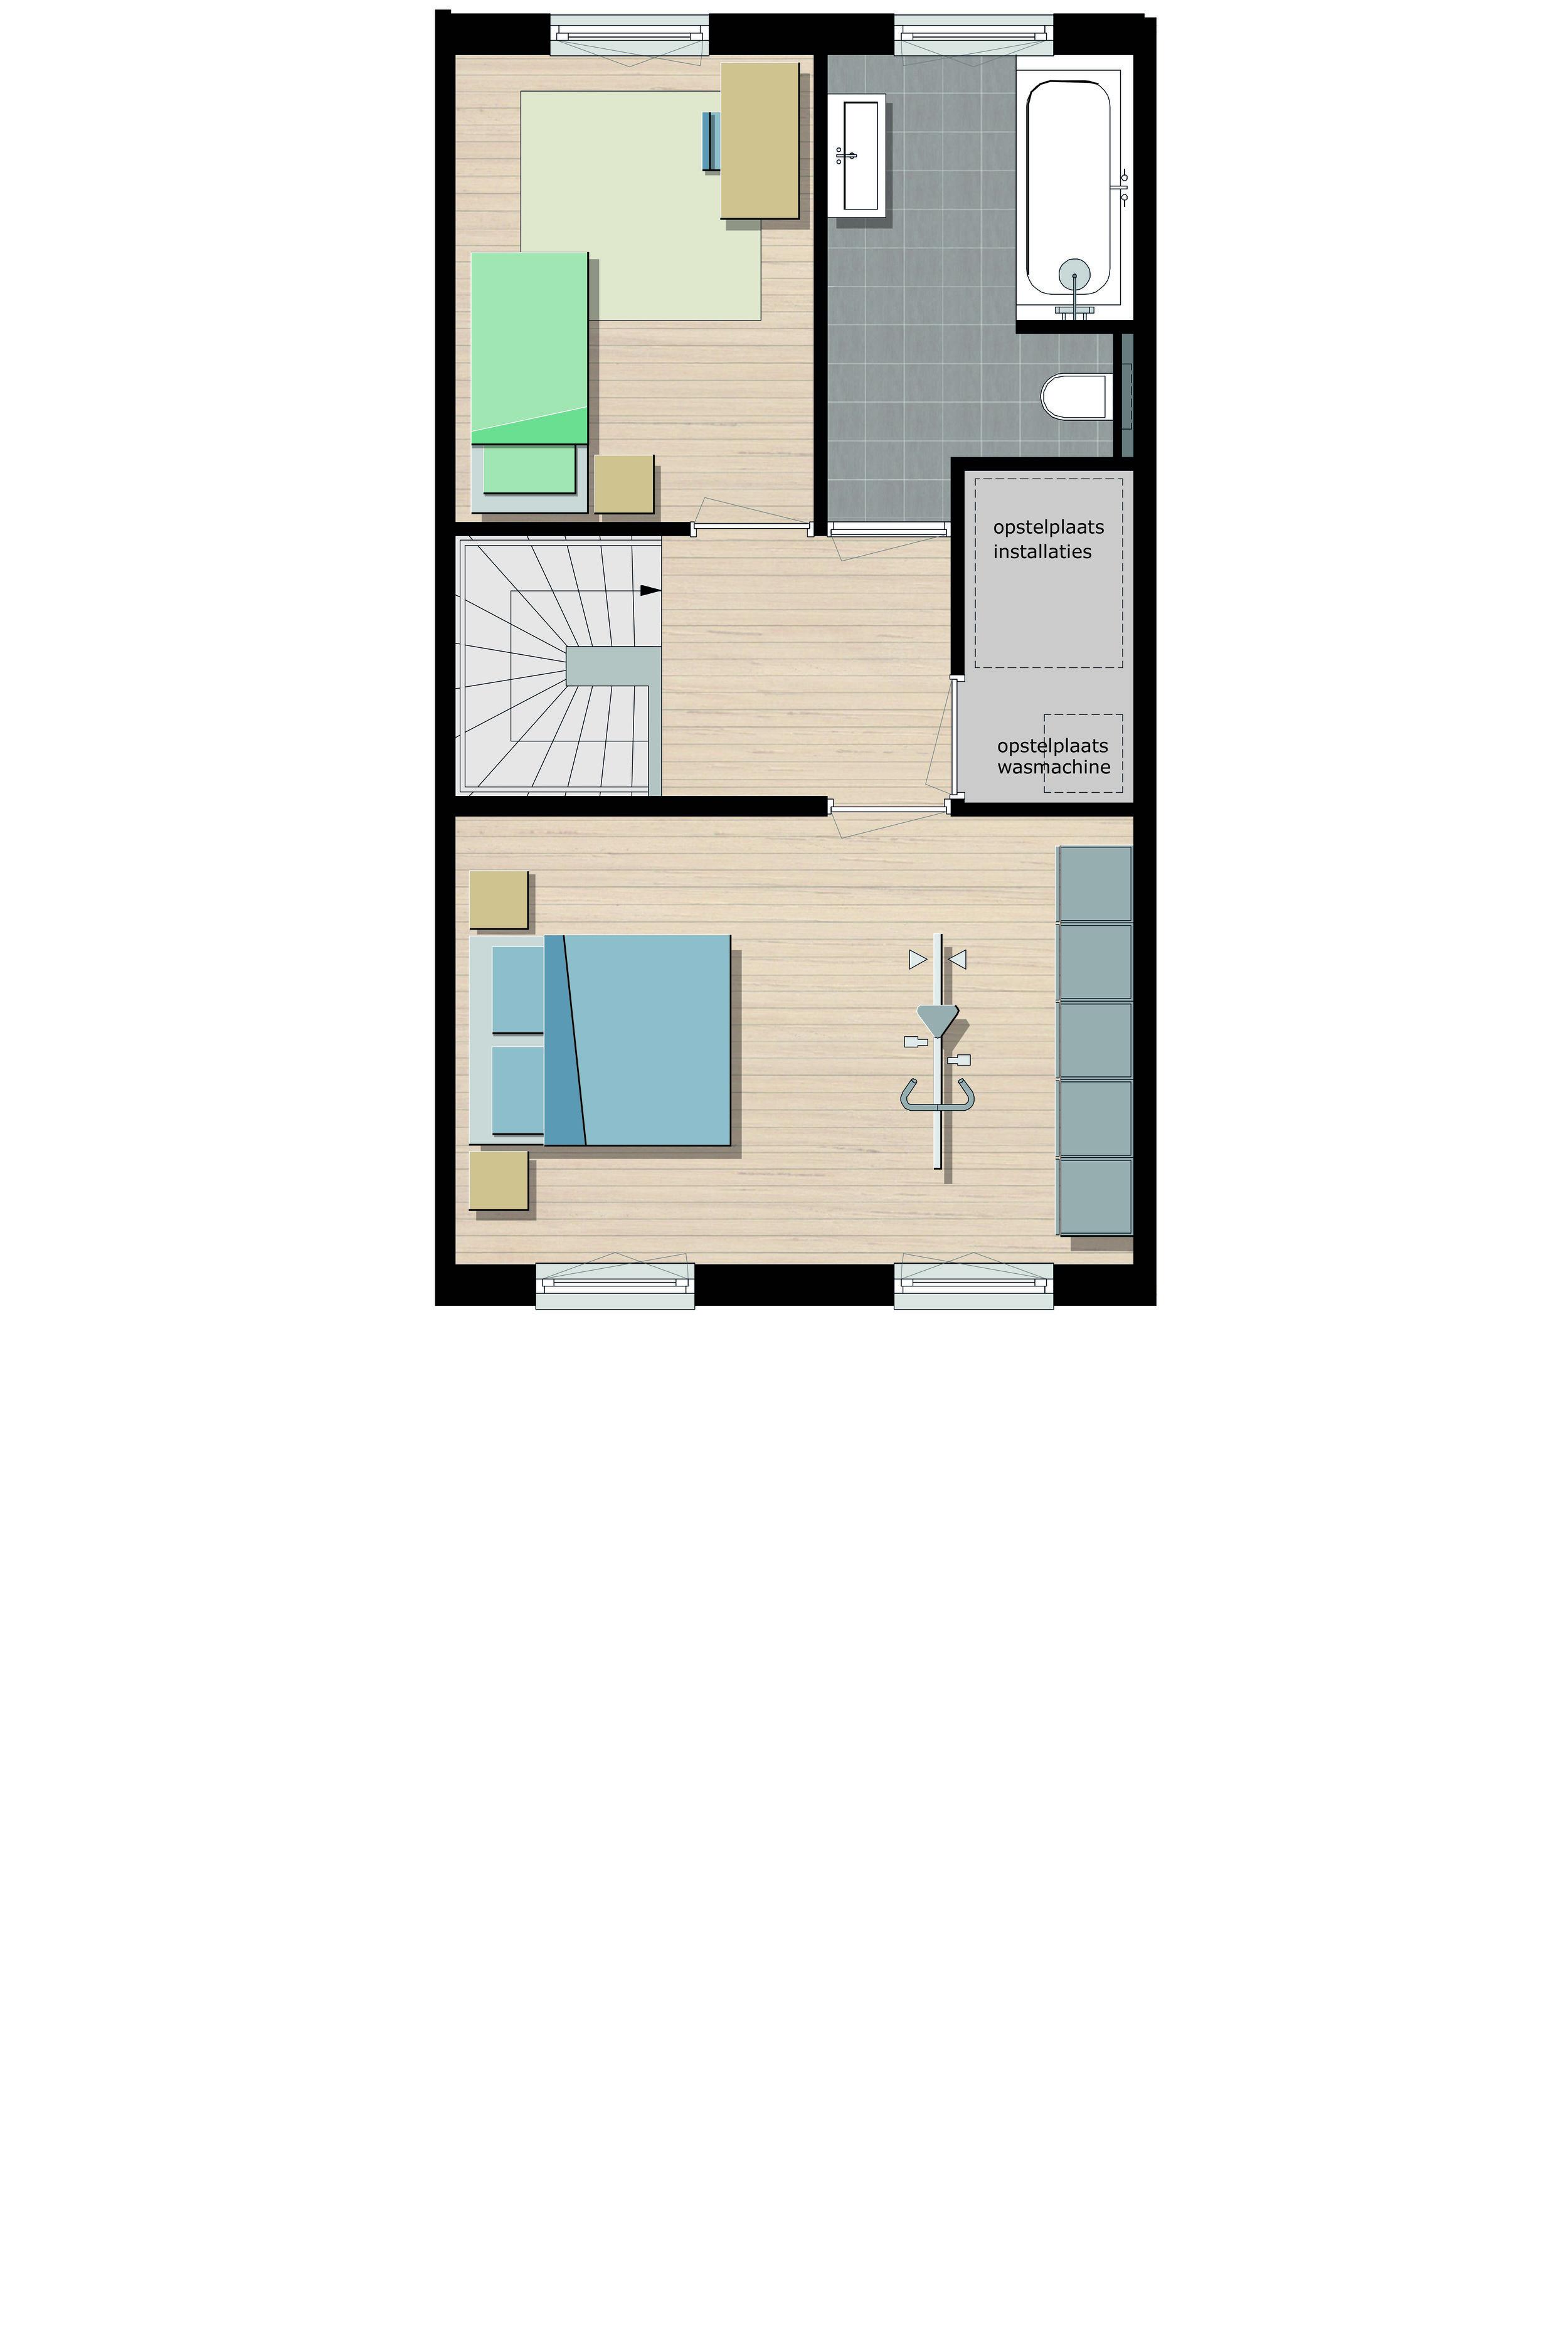 plattegrond -13.jpg